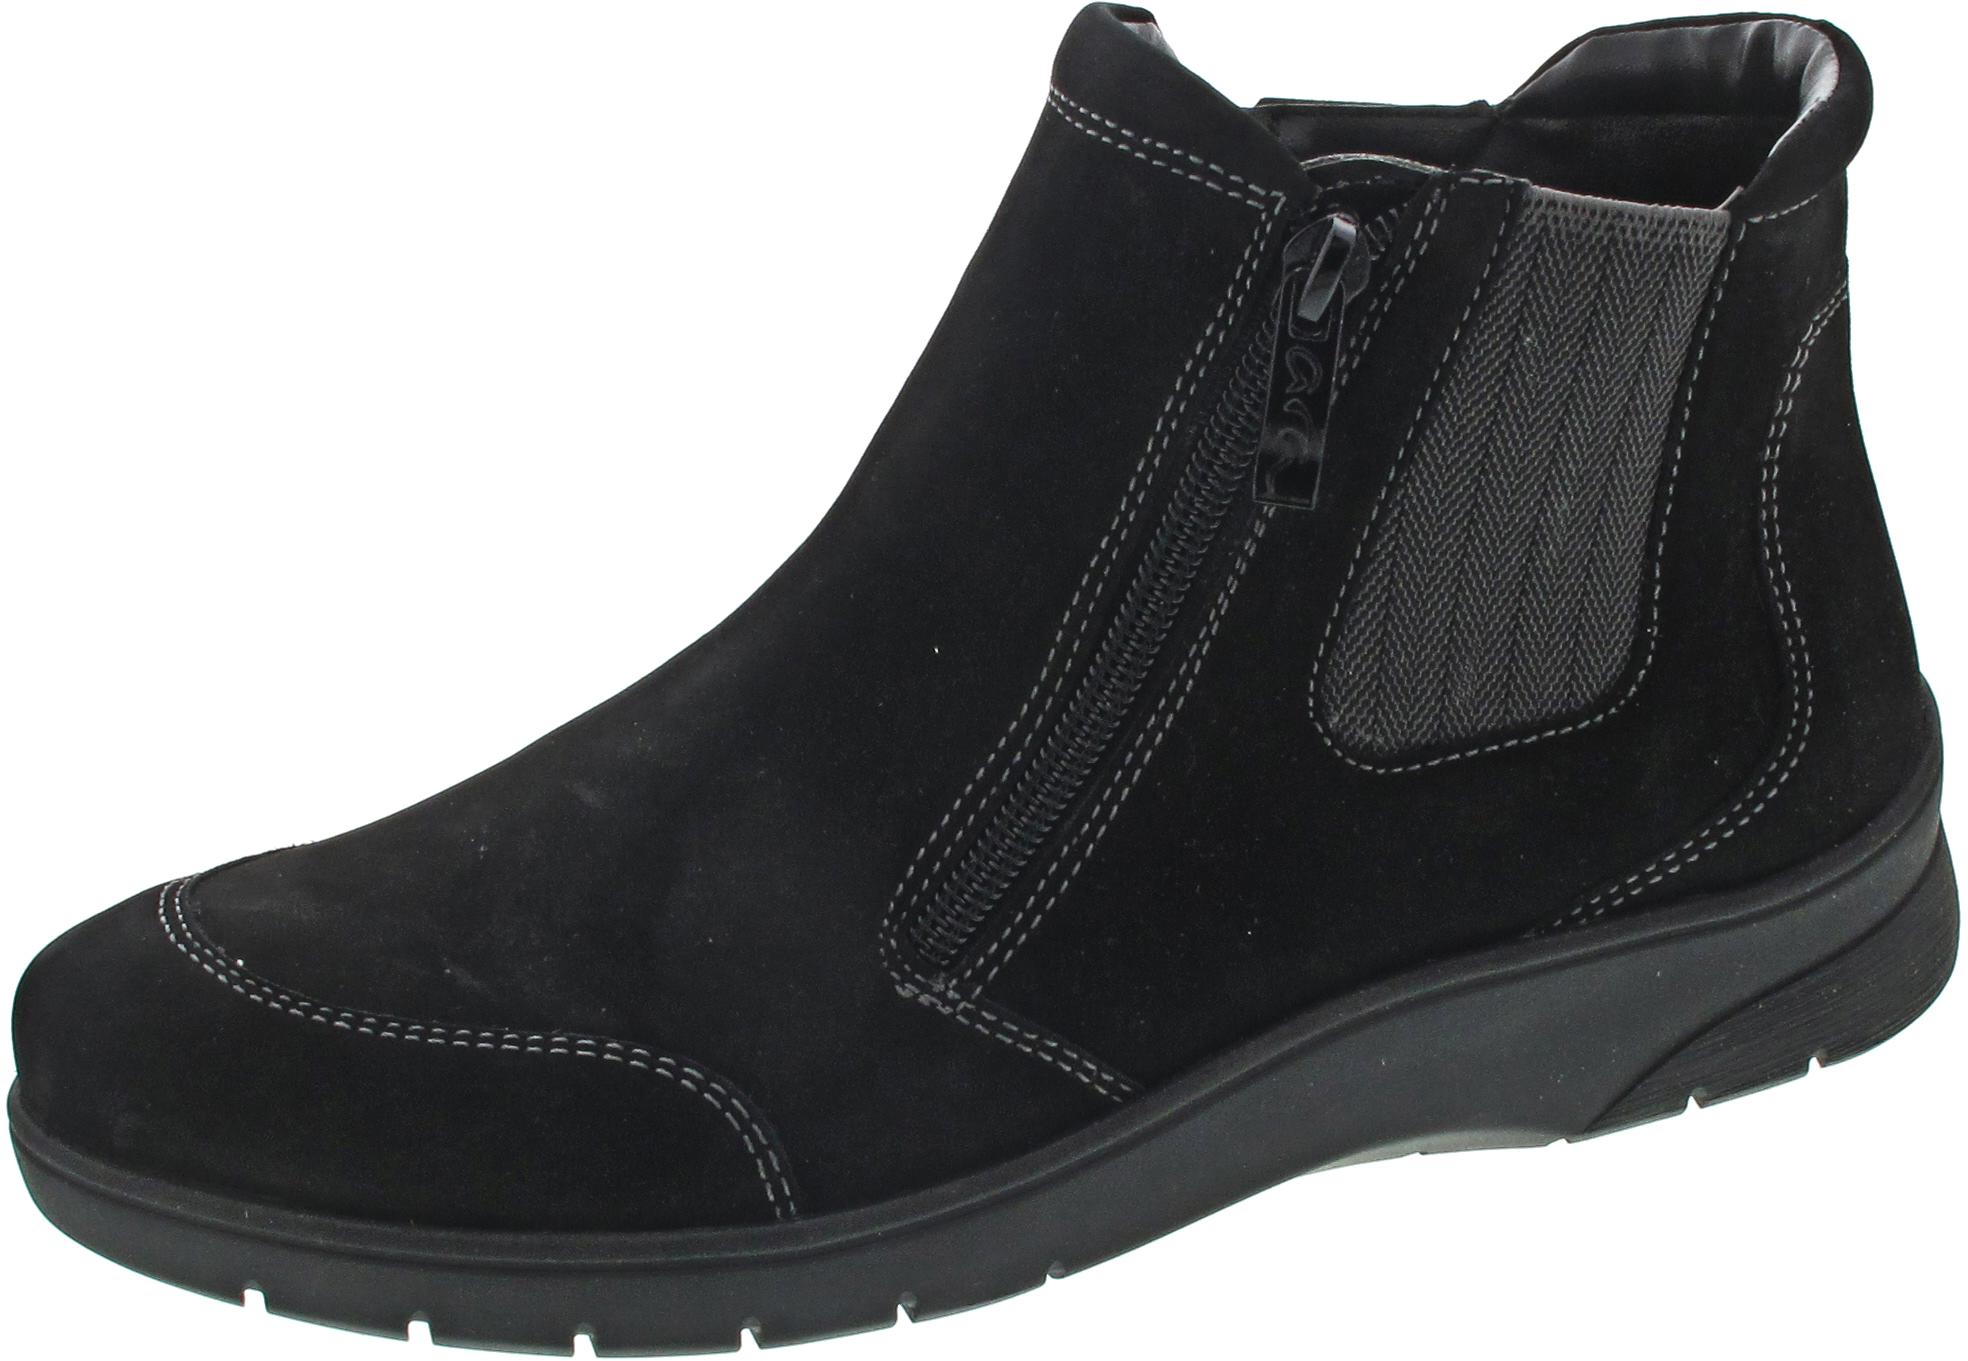 wholesale dealer ba7b0 86270 Ara Schuhe für mehr Freude beim Laufen | SCHUH-Germann